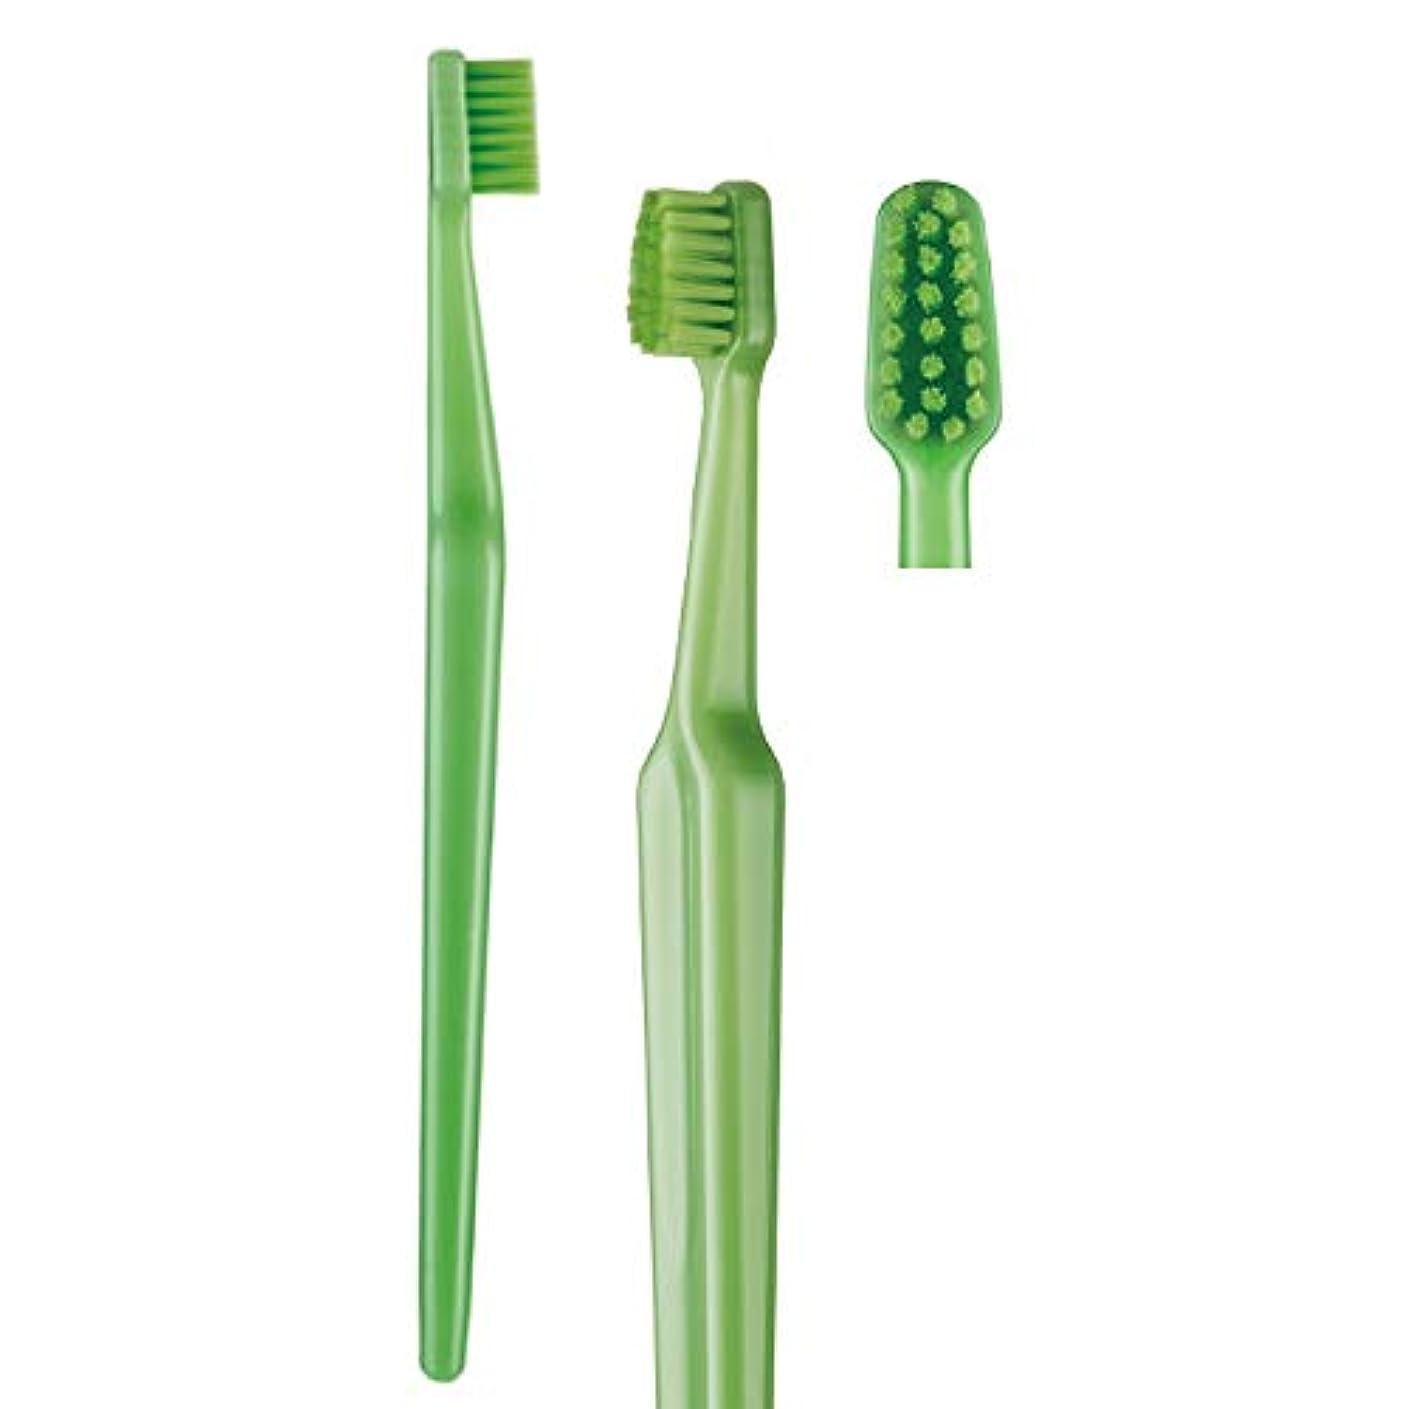 サバント恐れる療法歯科専売品 大人用歯ブラシ TePe GOOD (グッド) ミニ エクストラソフト(超やわらかめ) ヘッド小 1本